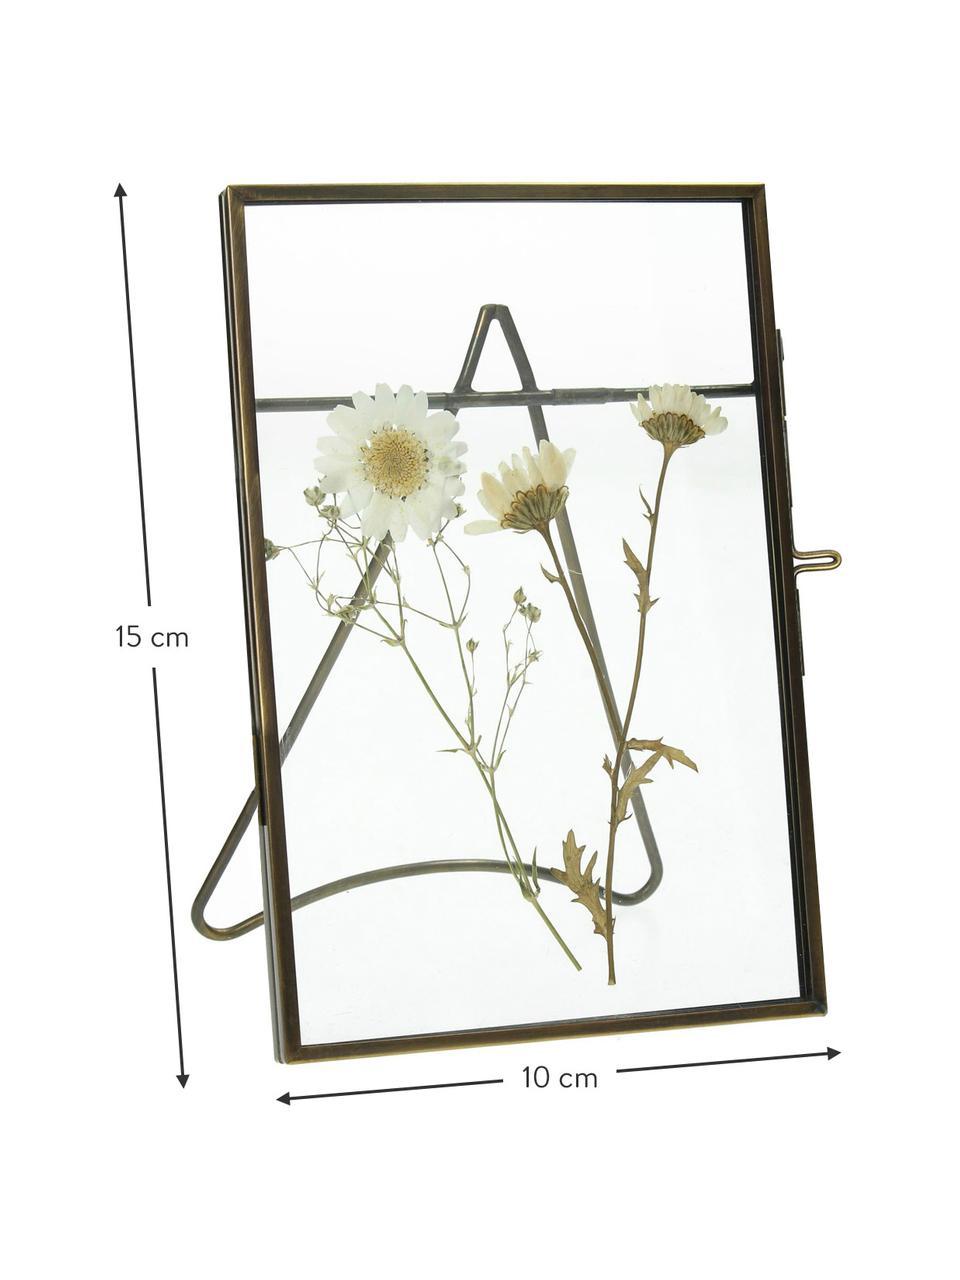 Bilderrahmen Dried Flower, Metall, beschichtet, Messingfarben, 10 x 15 cm